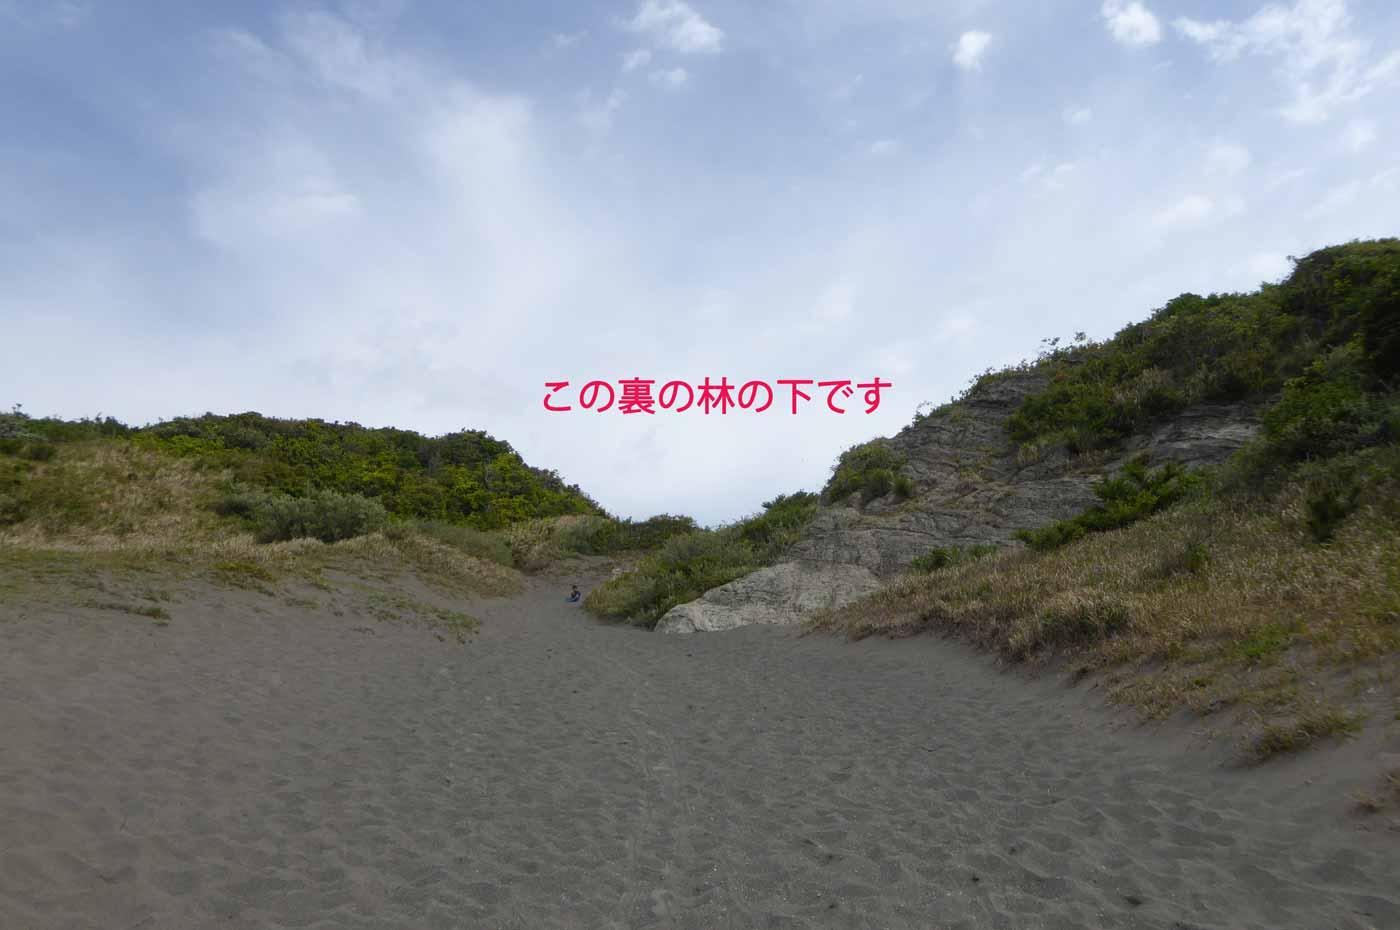 砂山頂上への道